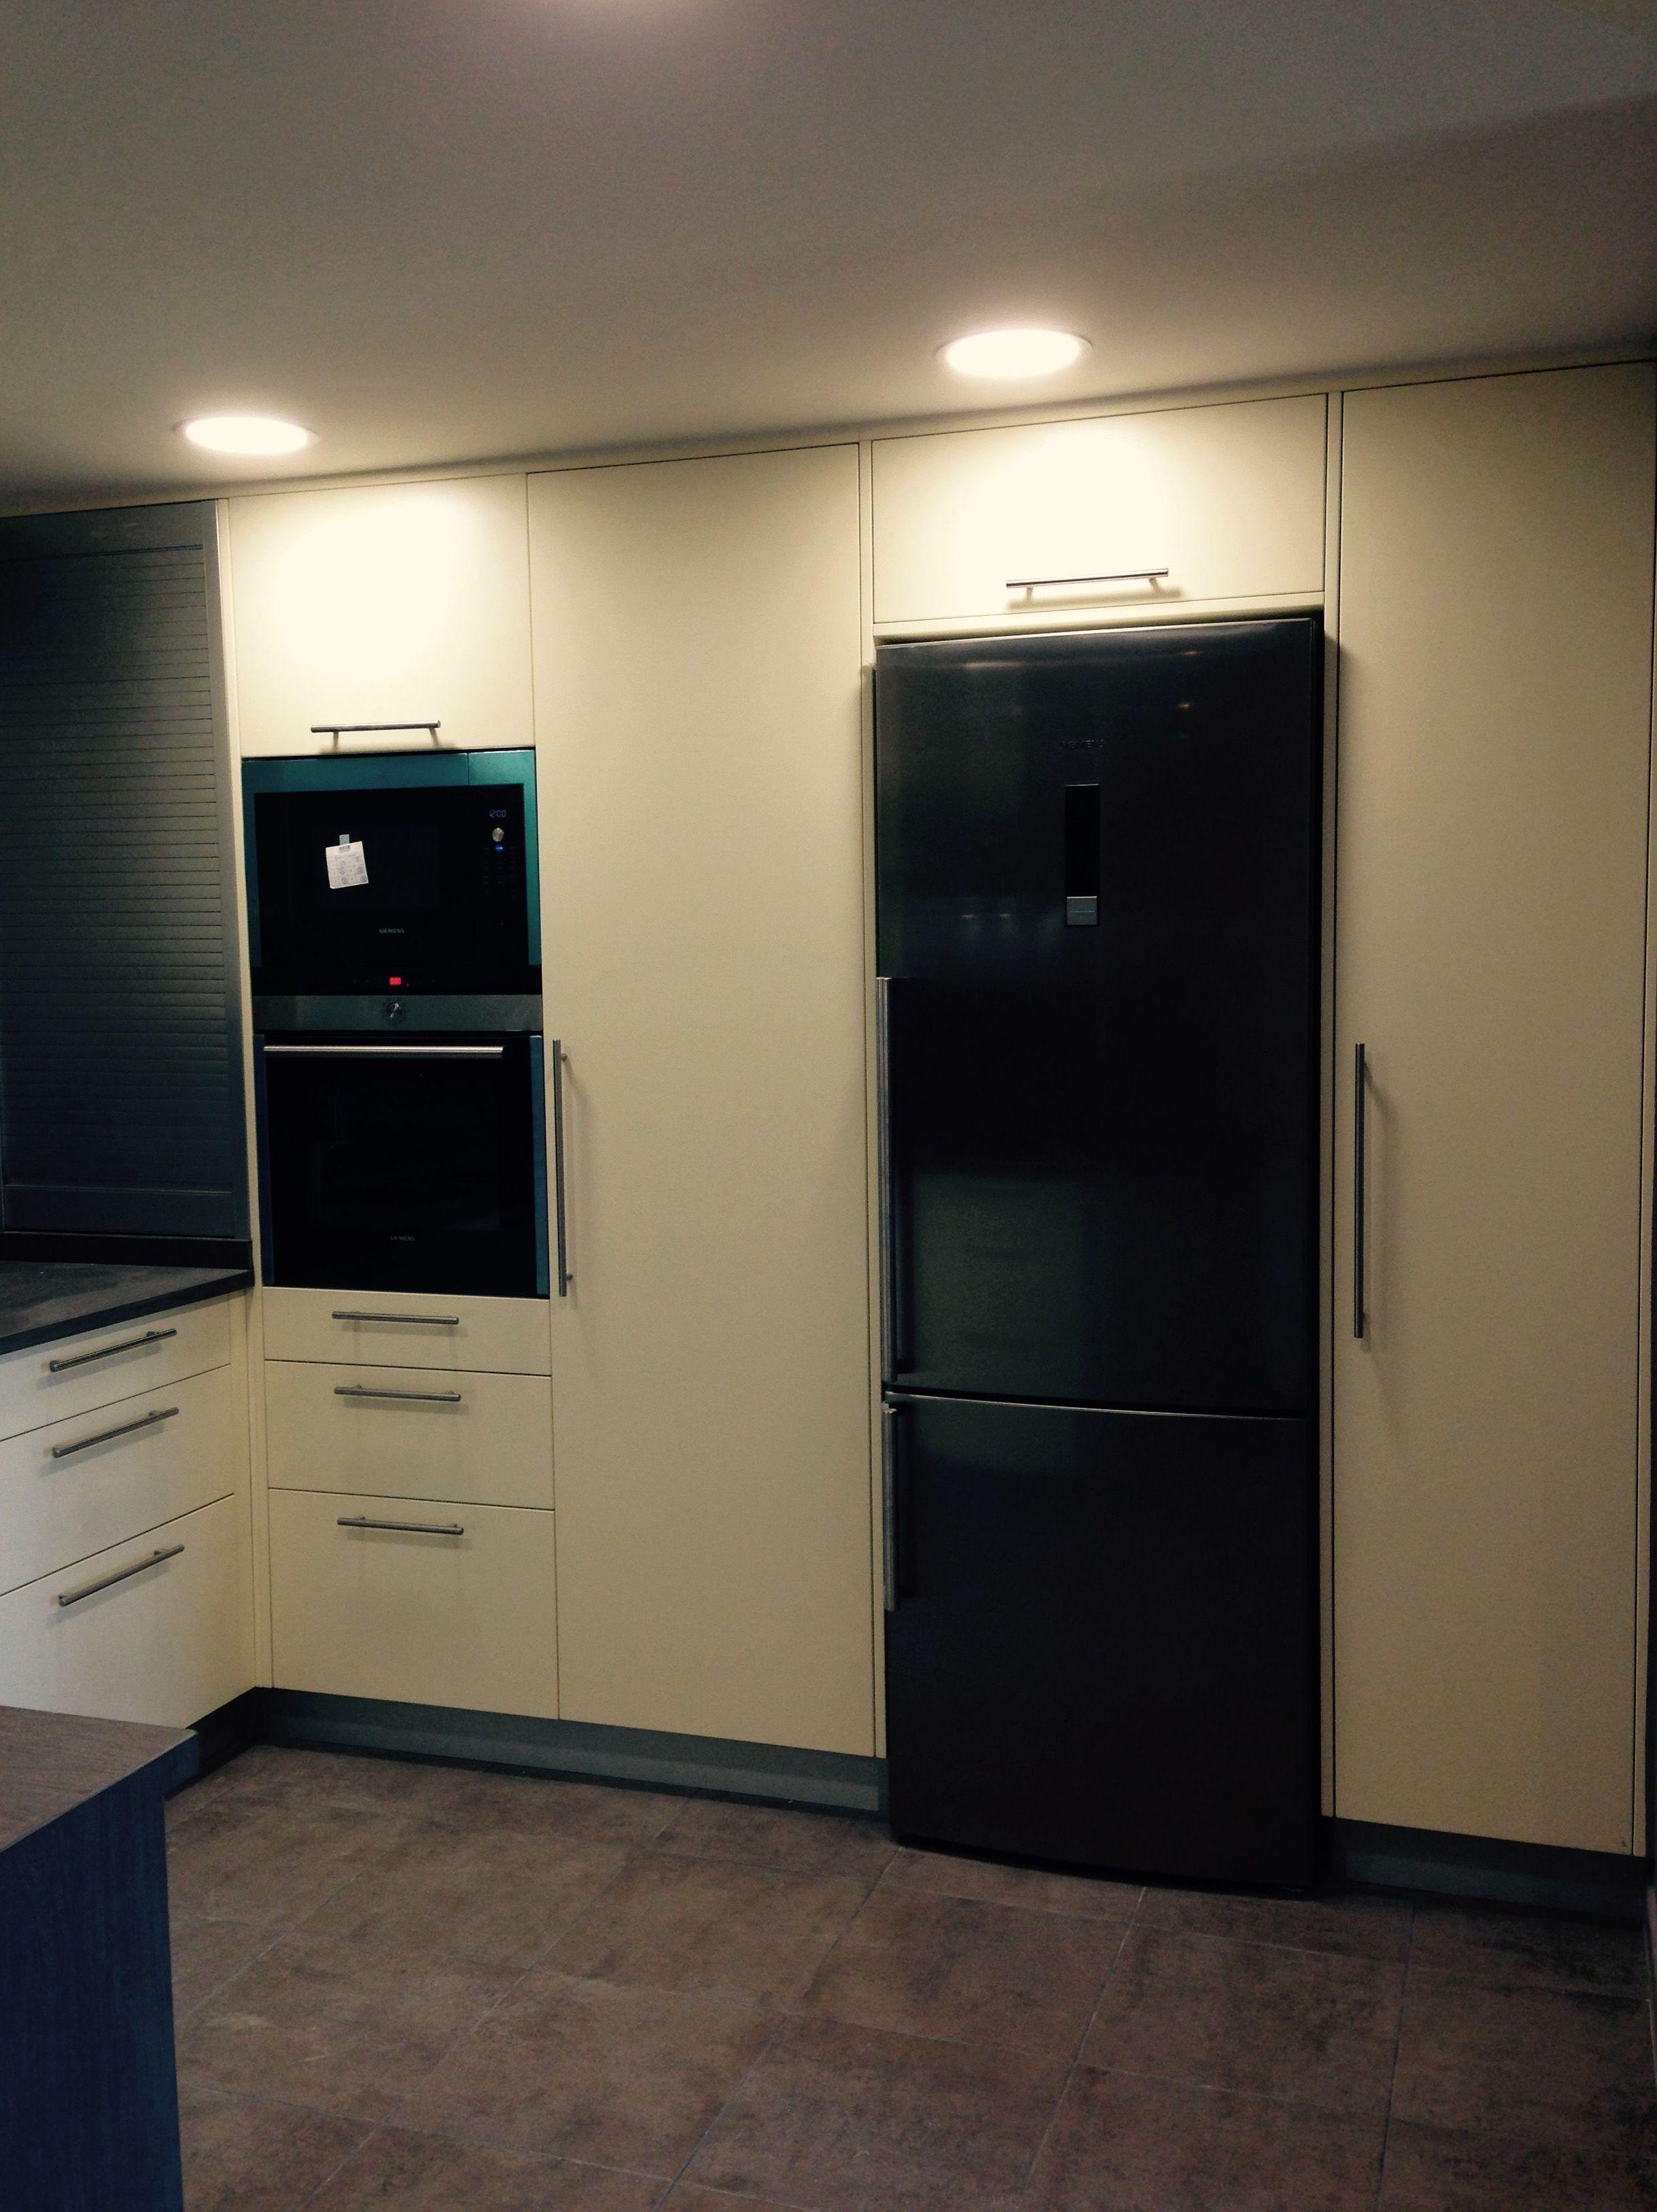 Instalación de muebles de cocina en Terurel